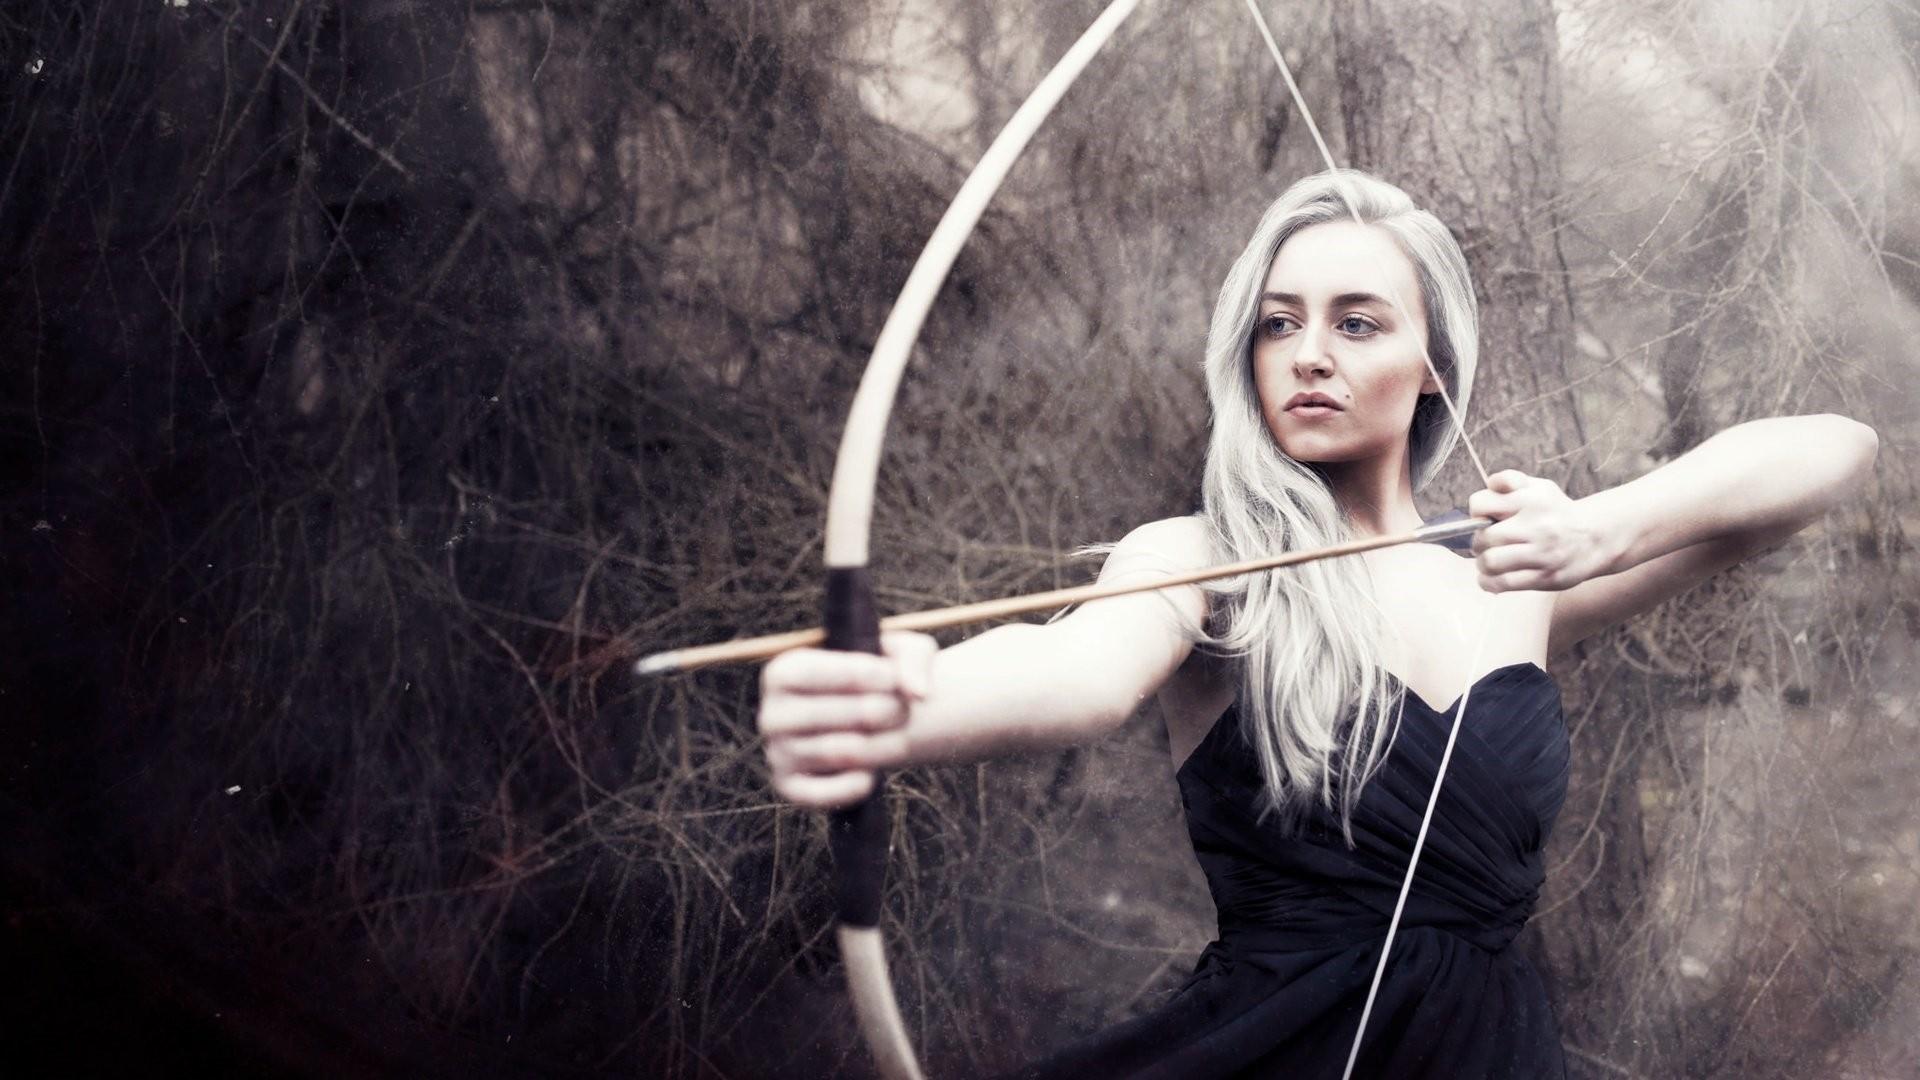 Archery HD Wallpaper